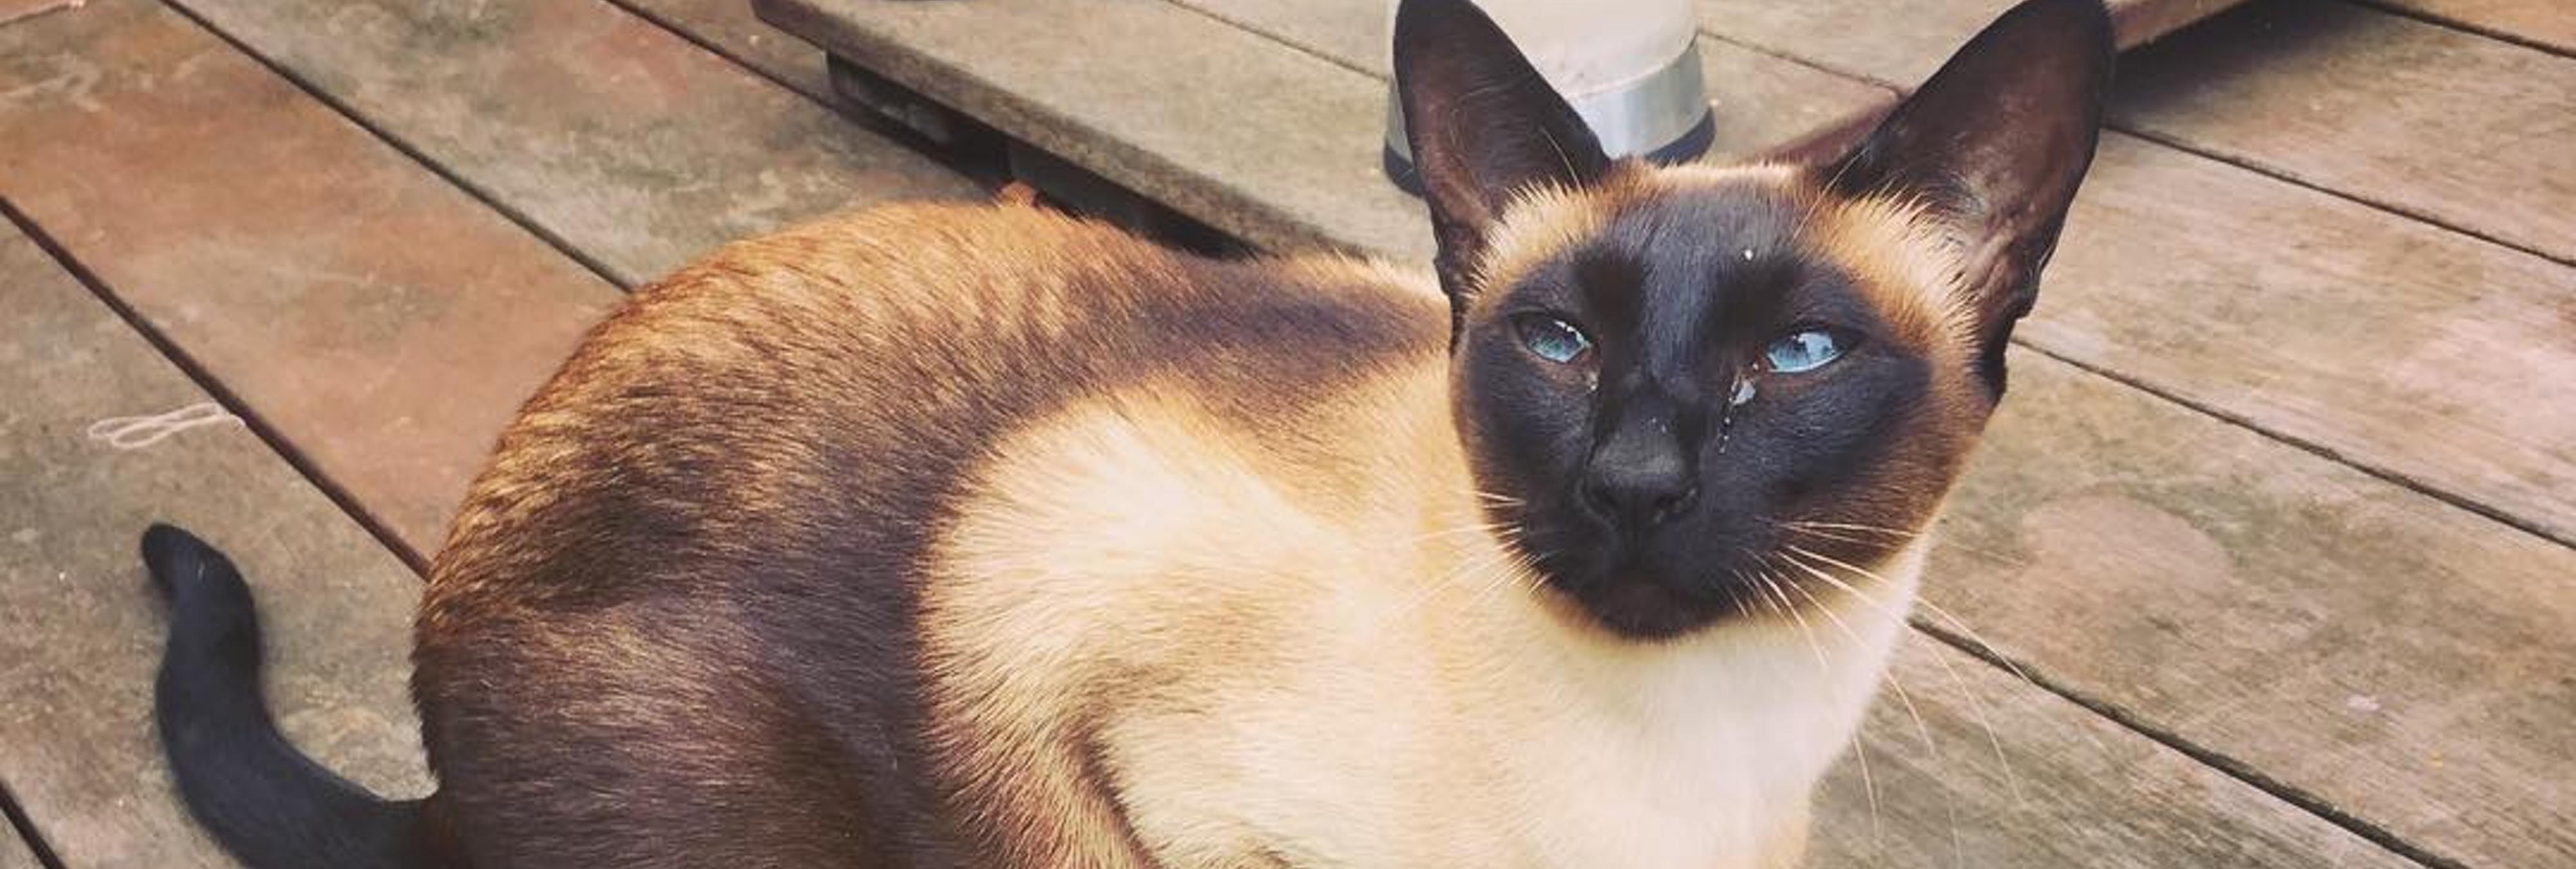 Brigit, la gata cleptómana que robaba ropa interior